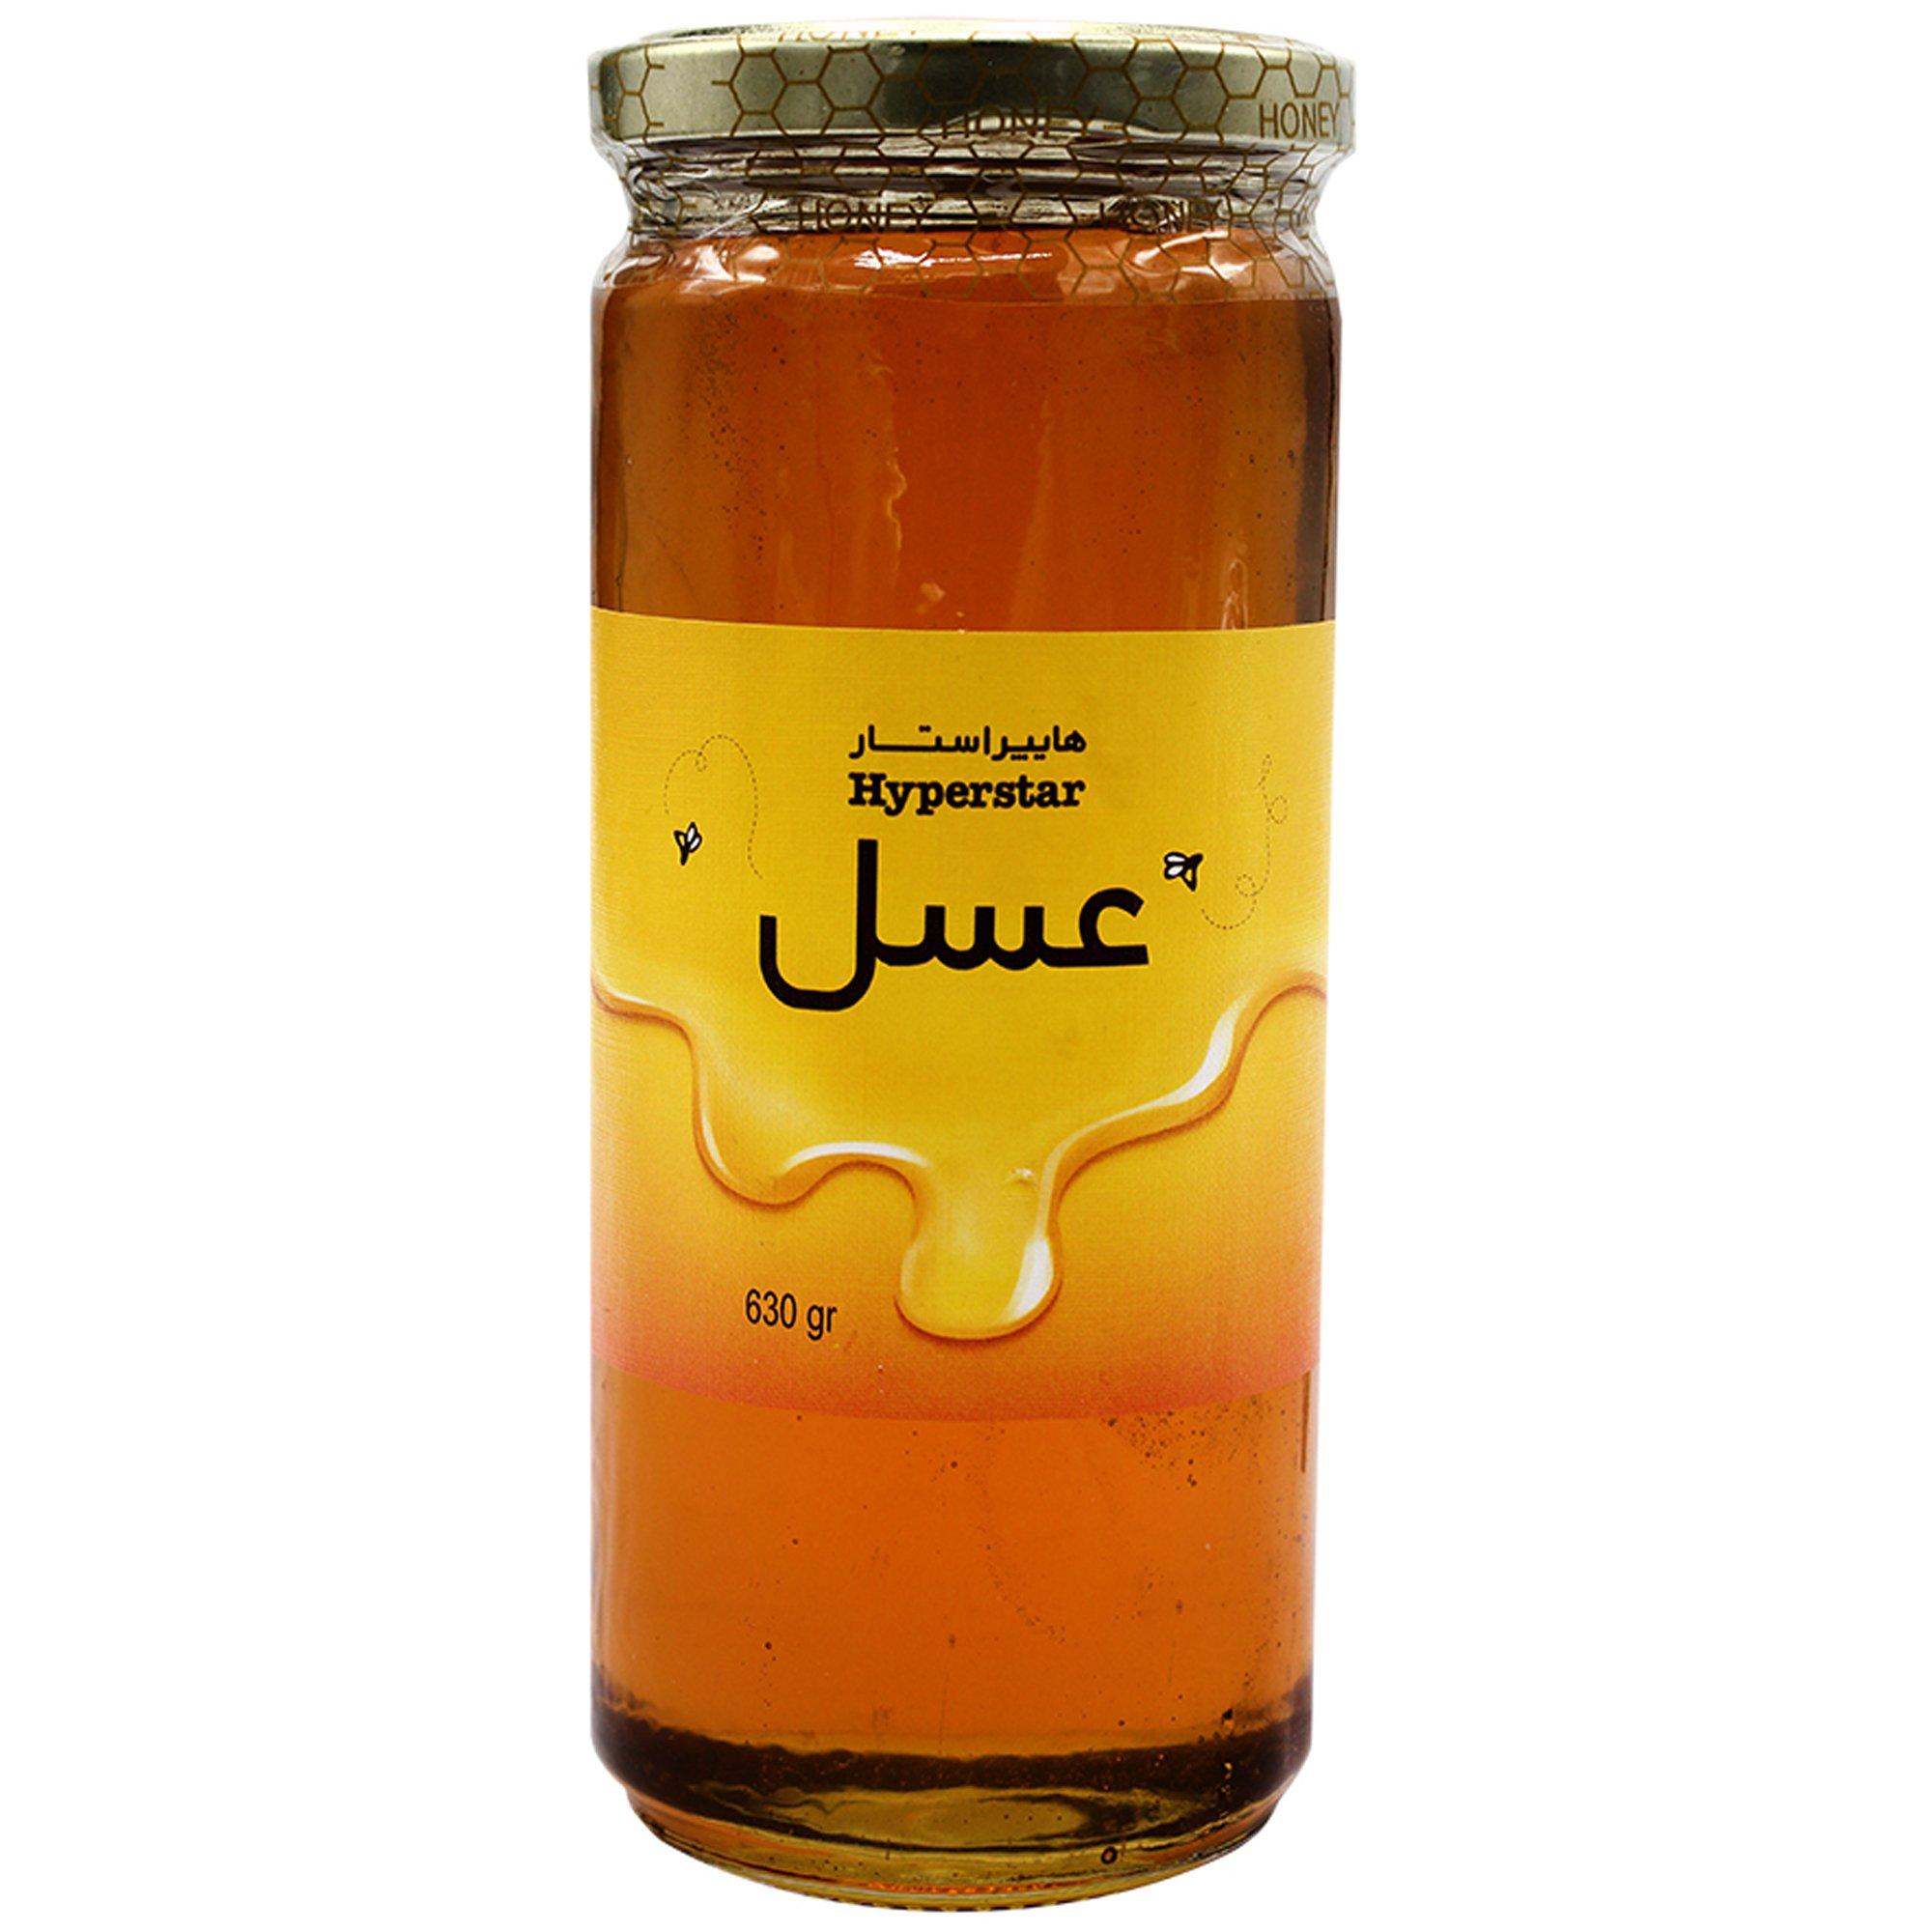 عسل شیشه هایپراستار ۶۳۰ گرمی